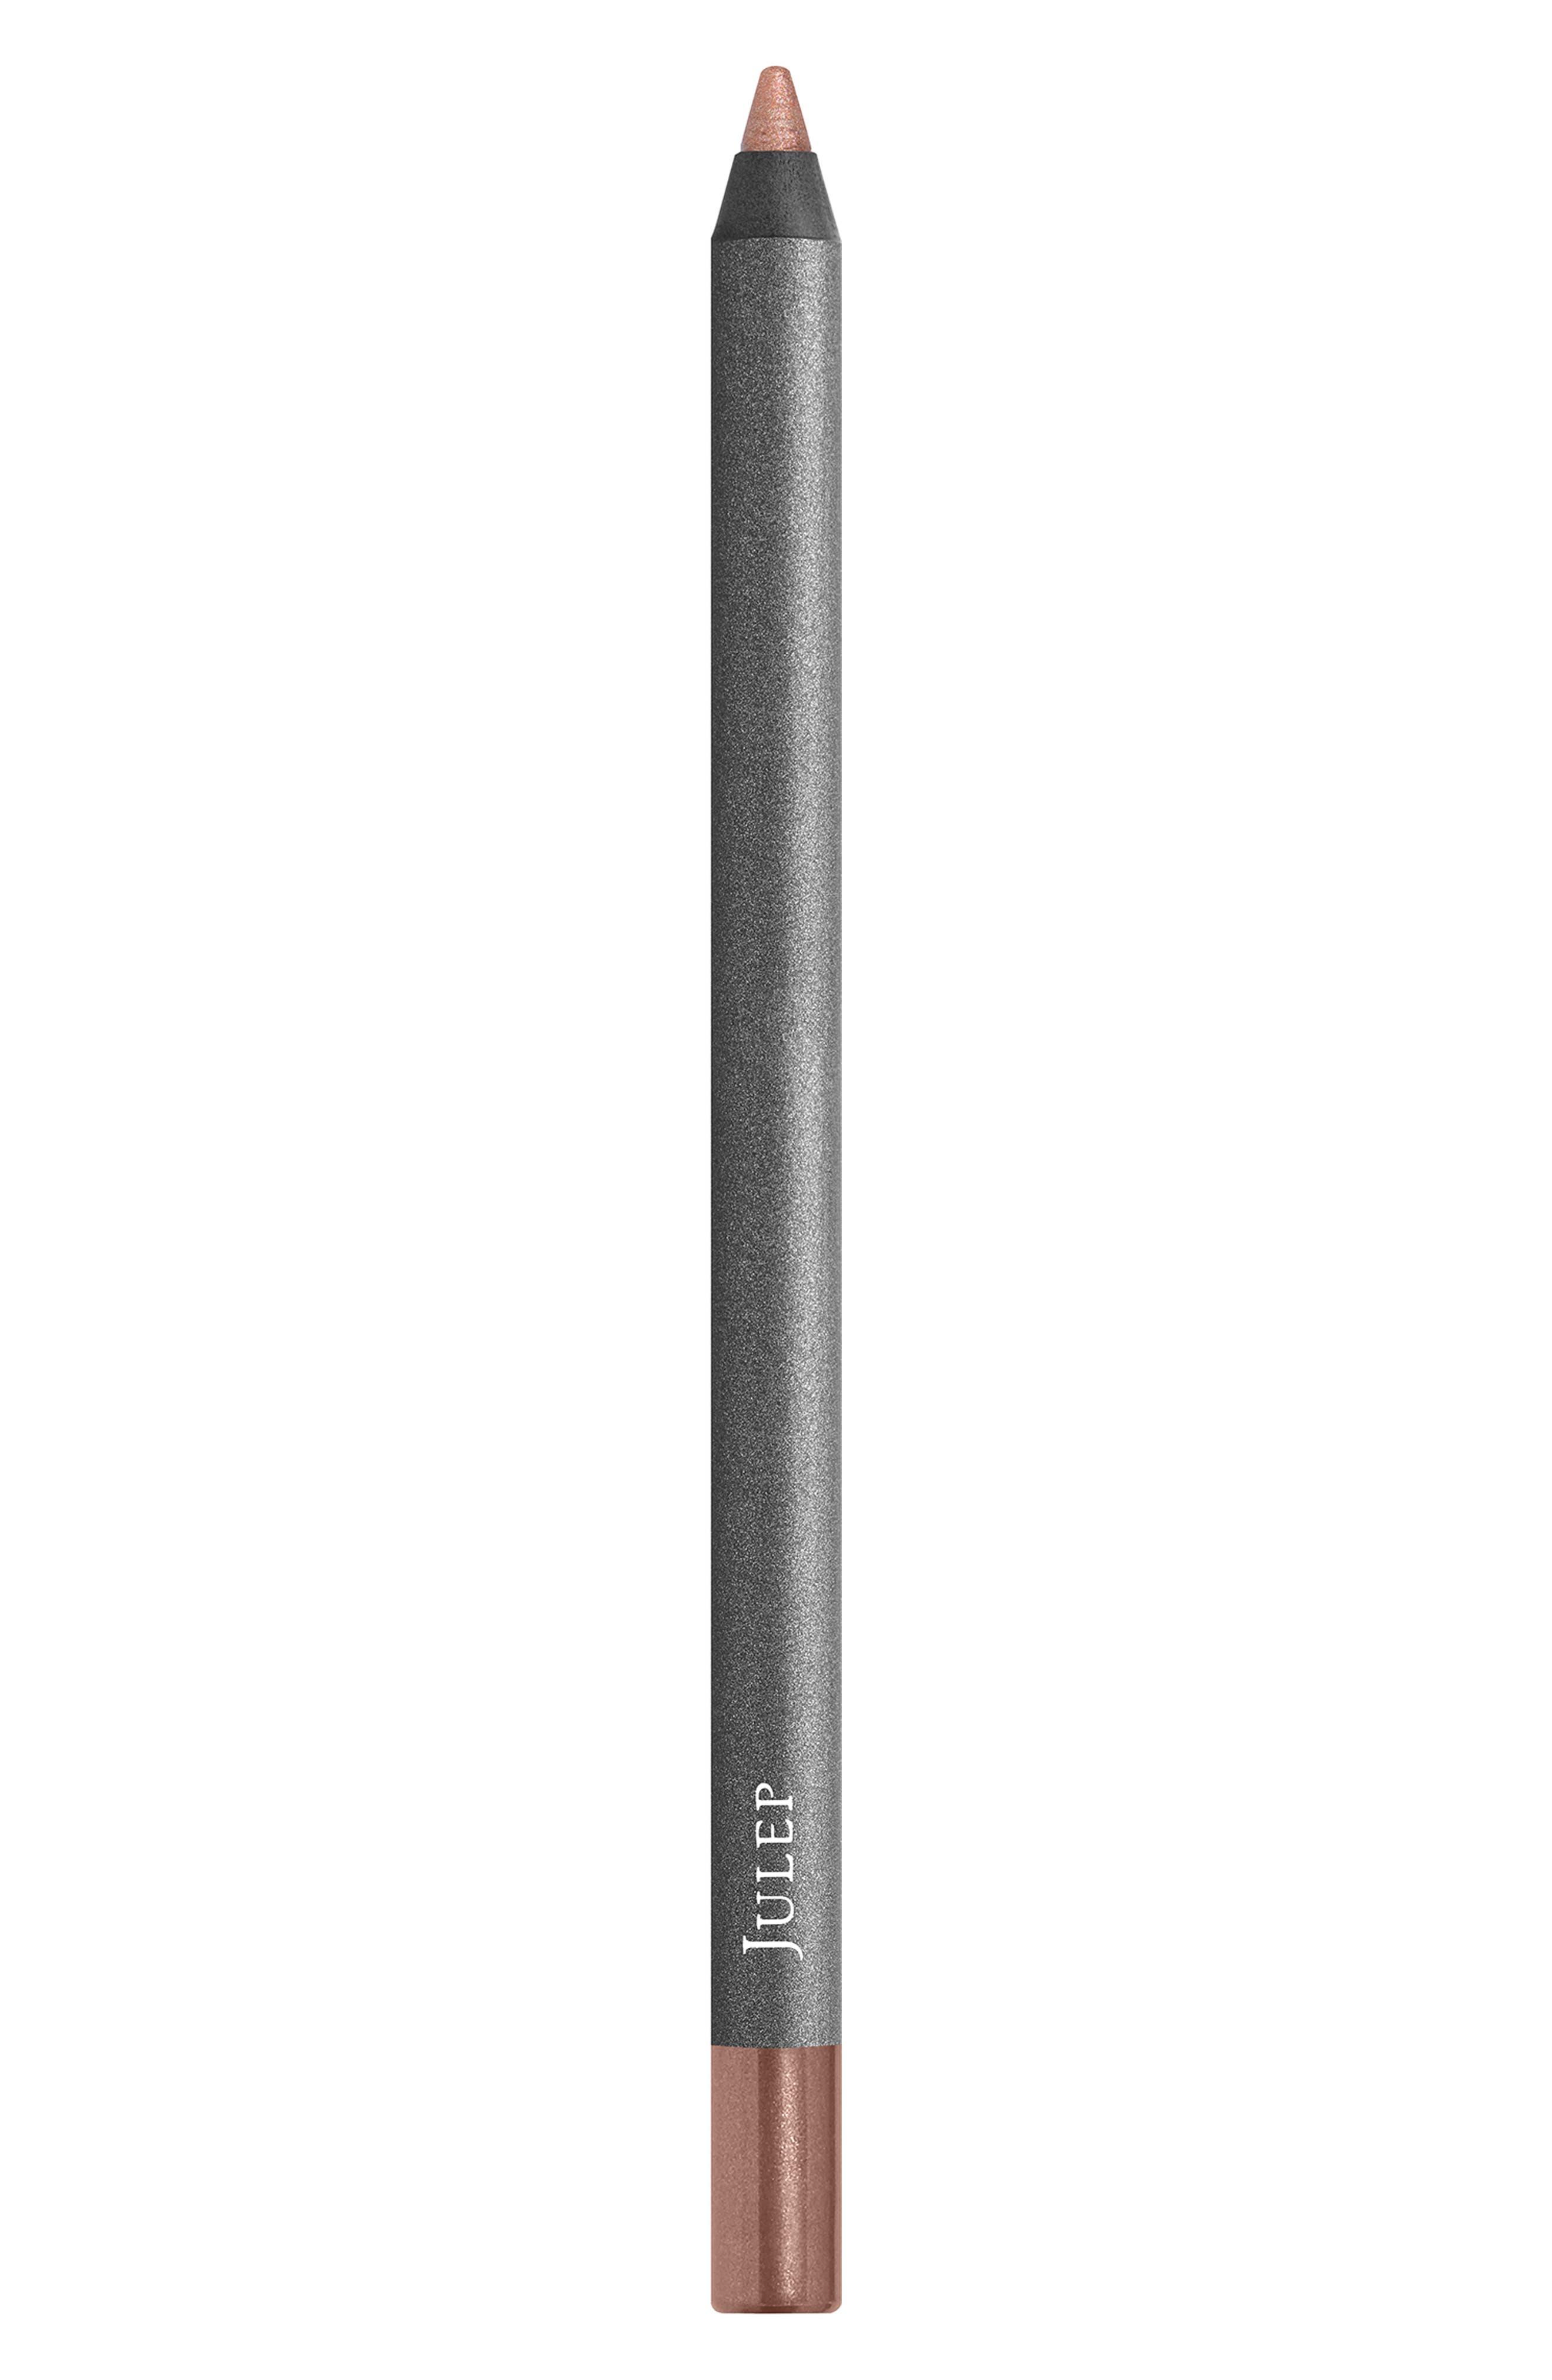 Julep(TM) When Pencil Met Gel Long-Lasting Eyeliner - Rose Gold